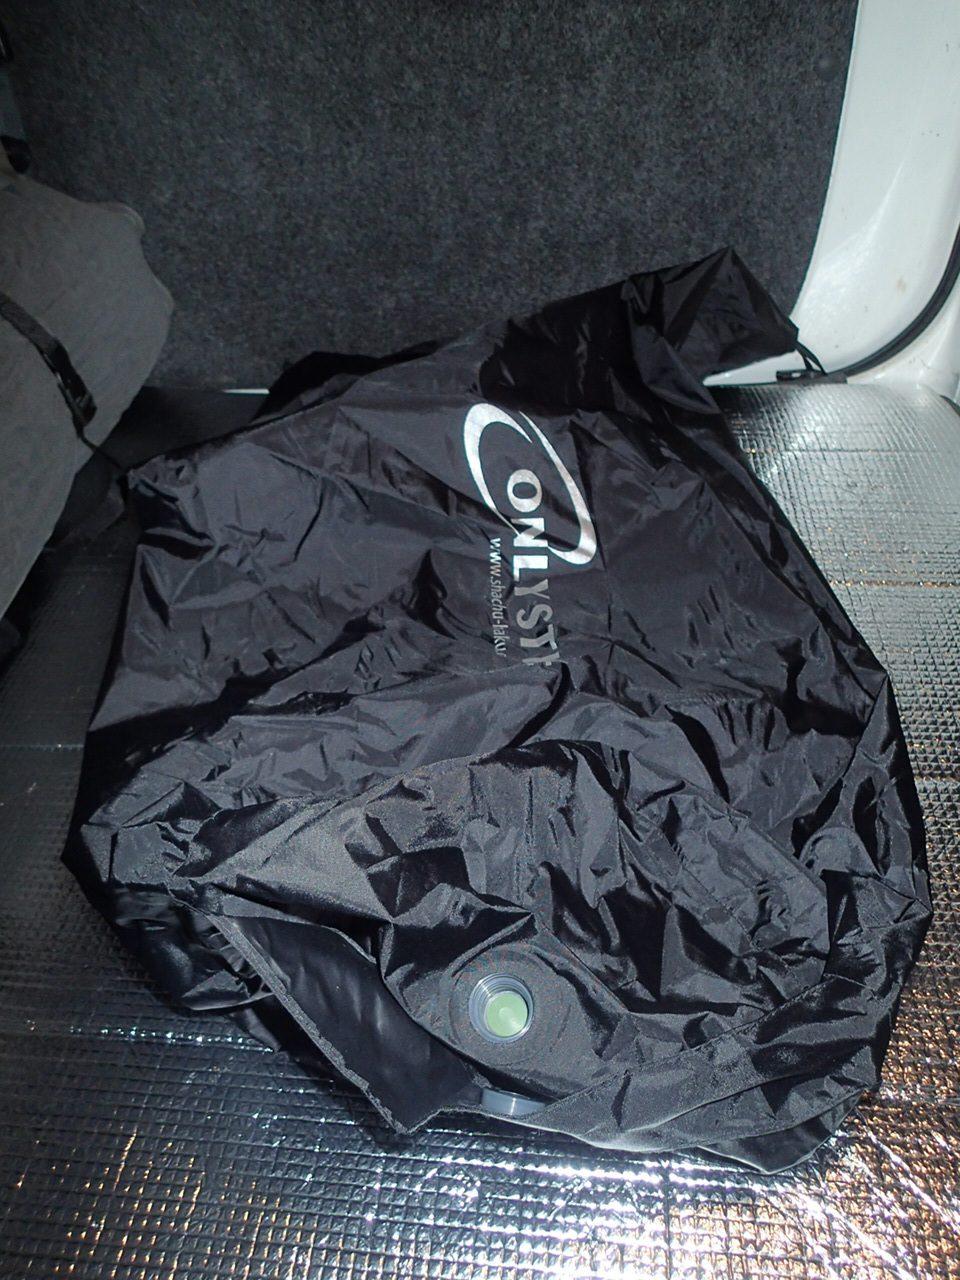 オンリースタイル 車中泊専用マット収納袋で空気を入れる